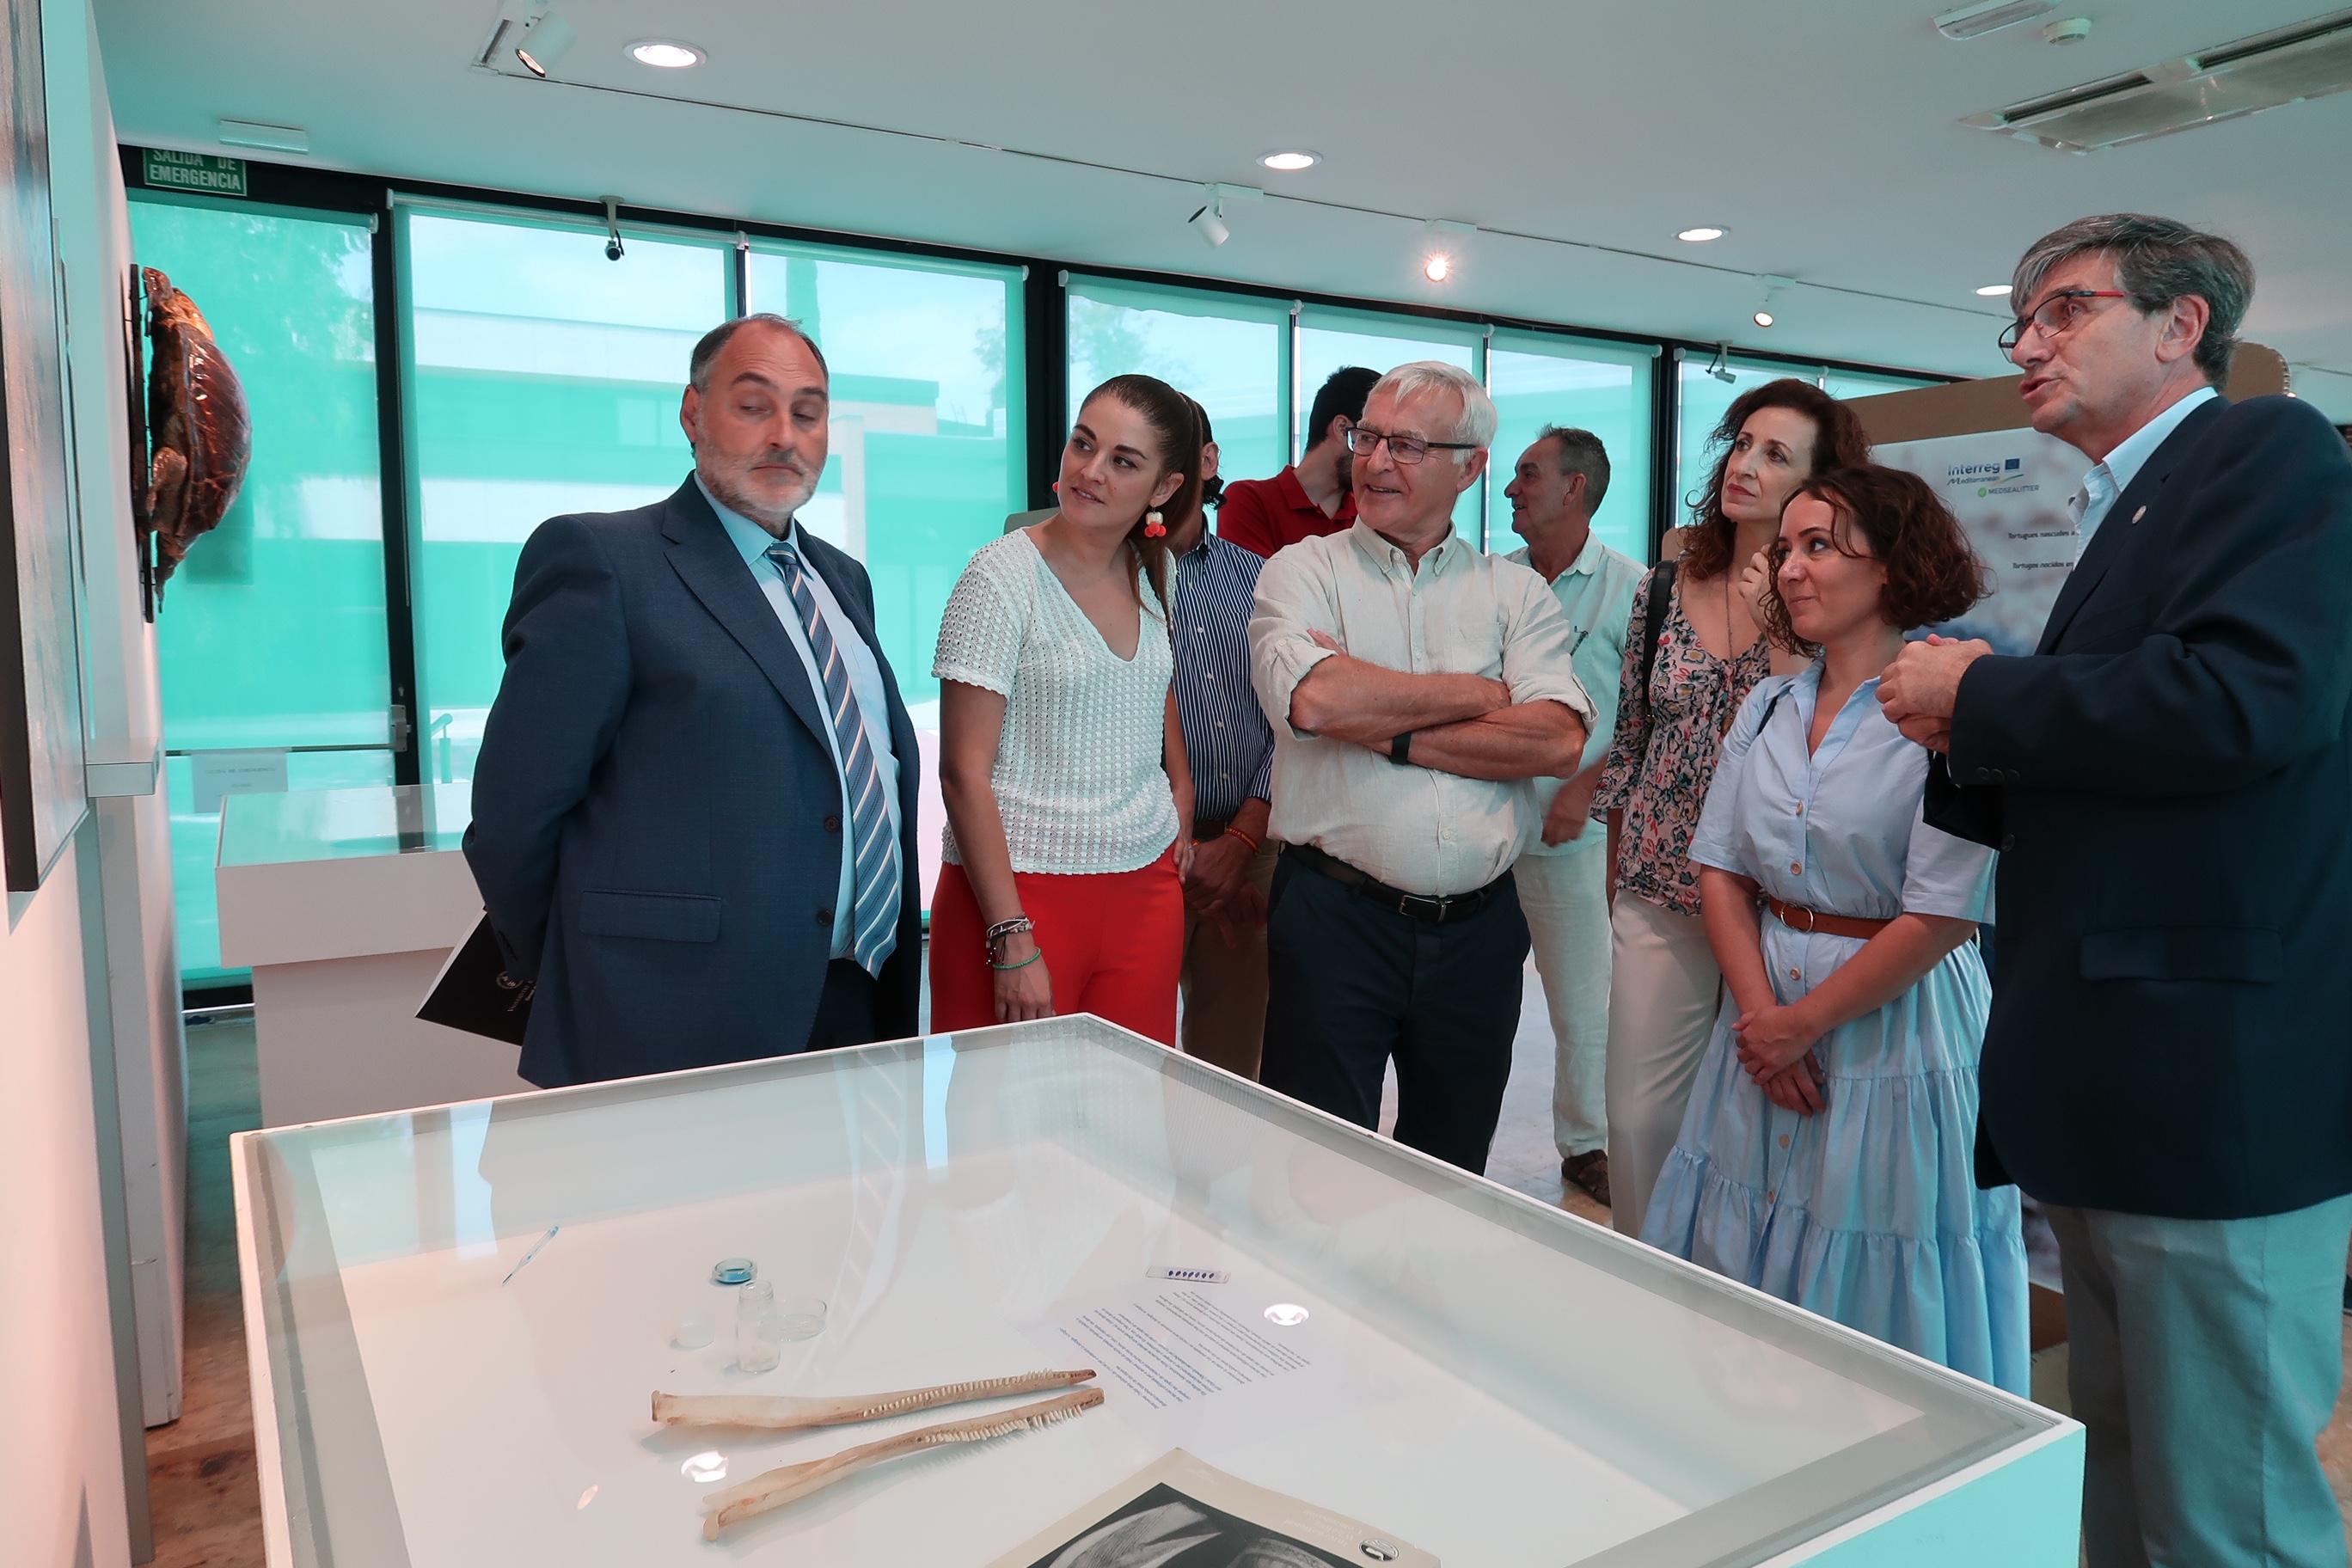 Mollà aposta pel desenvolupament de mesures eficients per a preservar la flora i fauna mediterrànies